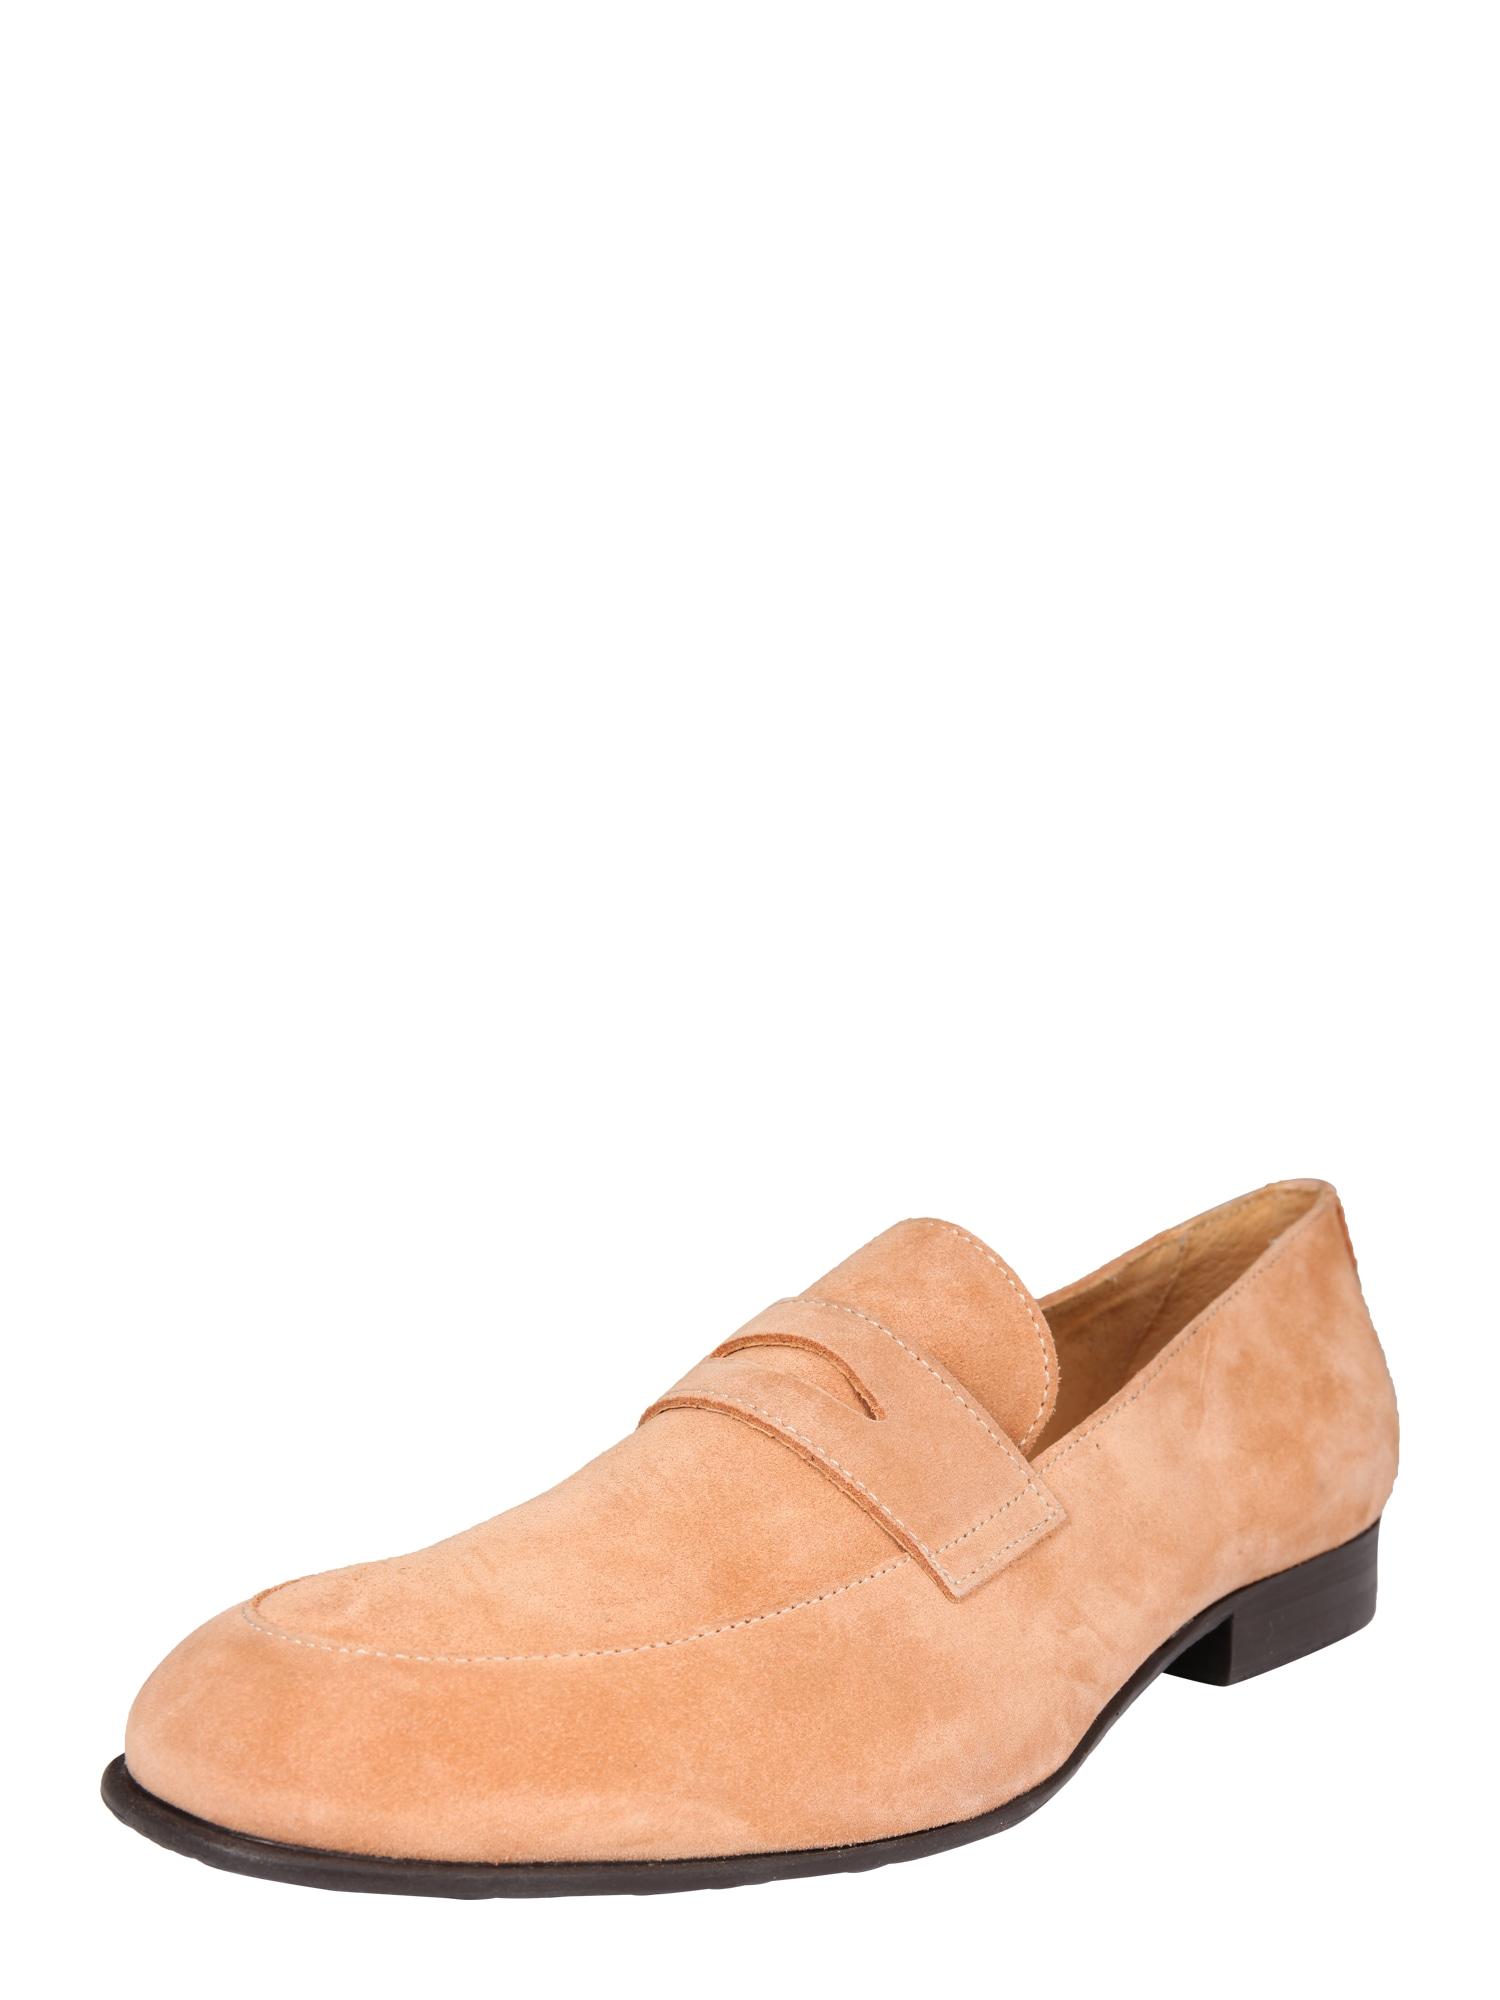 Slipper Loafers tělová Zign